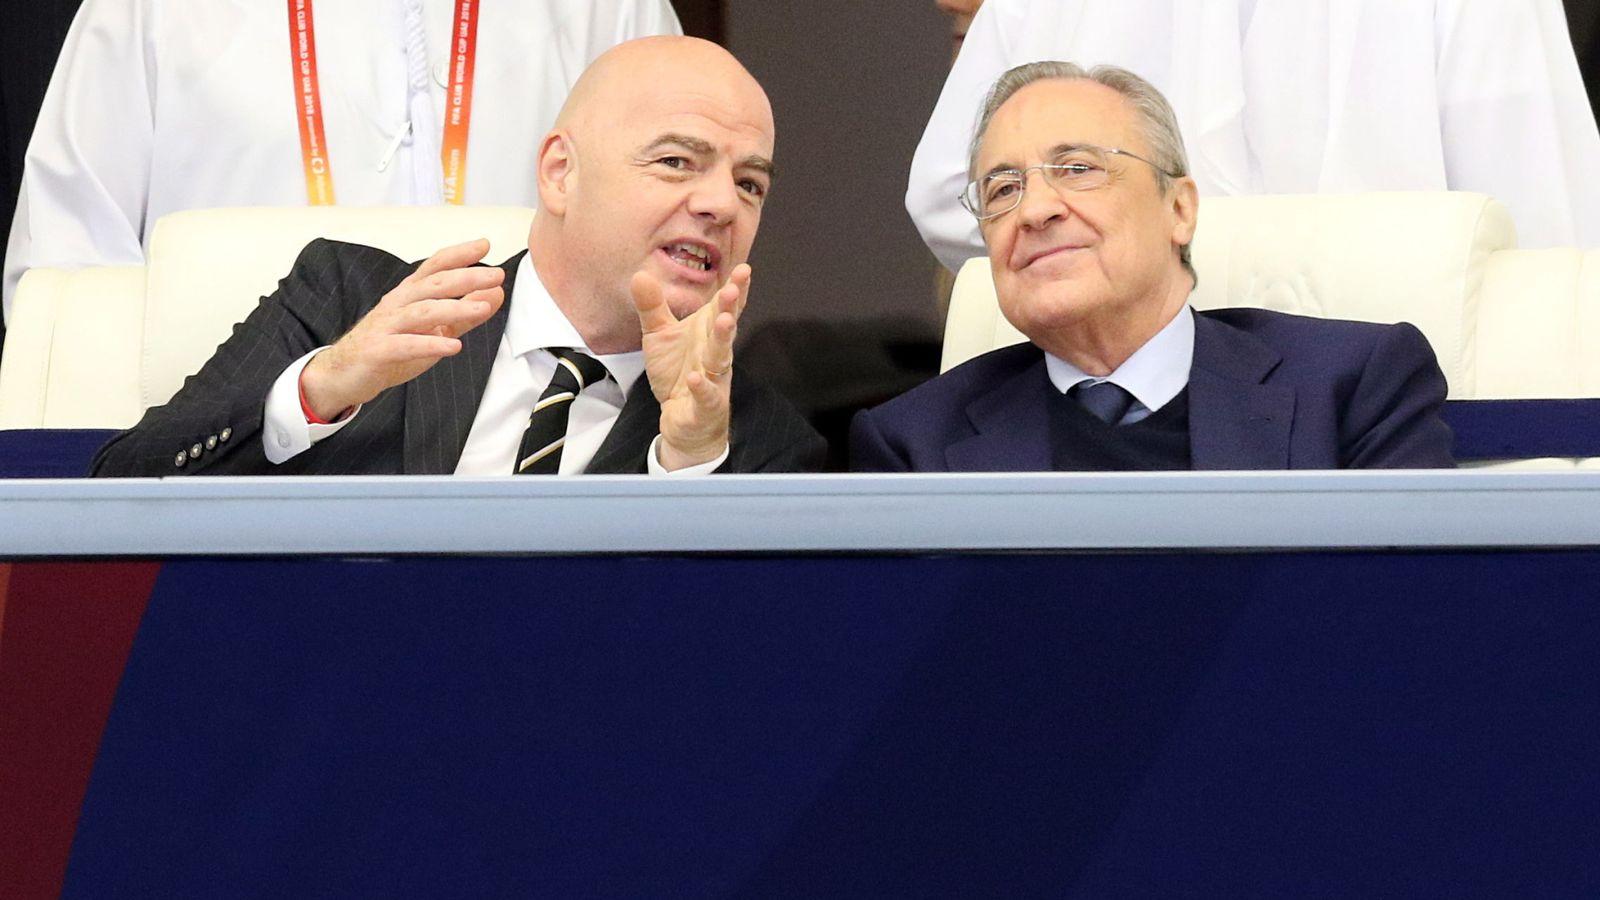 UEFA deberá retirar sanciones contra equipos de la Superliga; clubes obtienen un triunfo en la corte